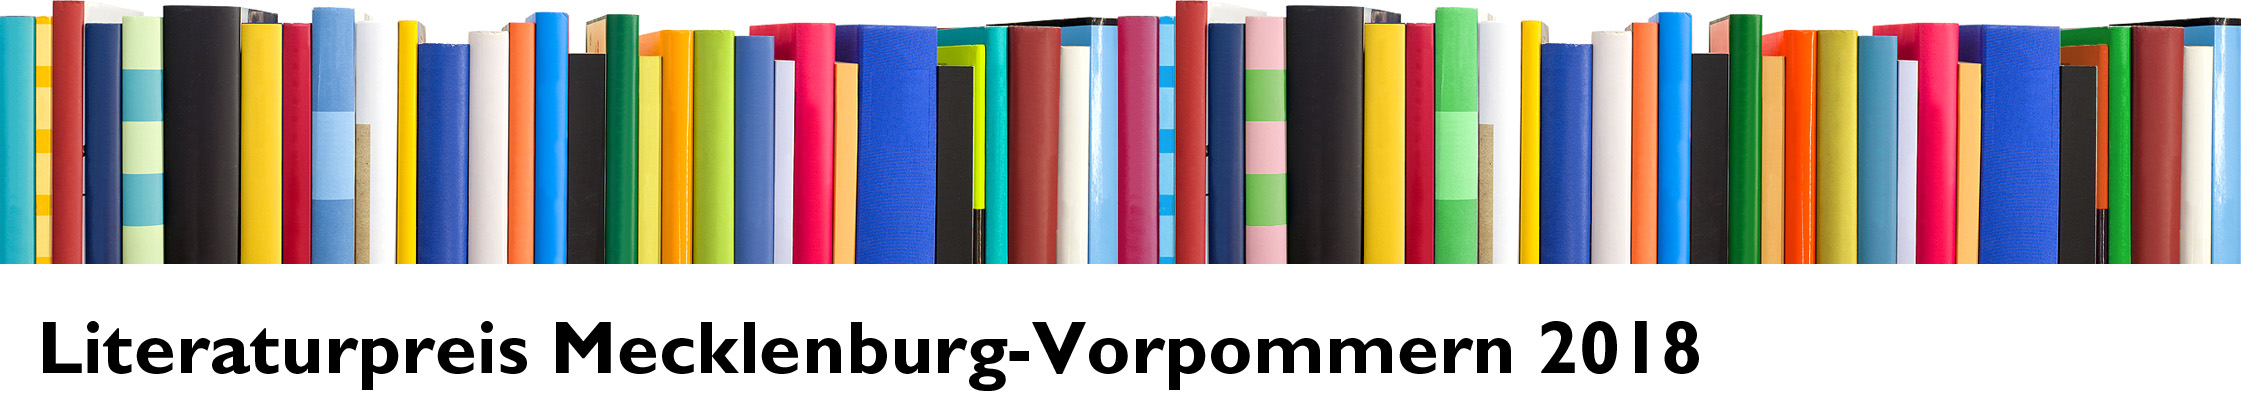 Literaturpreis Mecklenburg-Vorpommern 2018: jetzt bewerben!